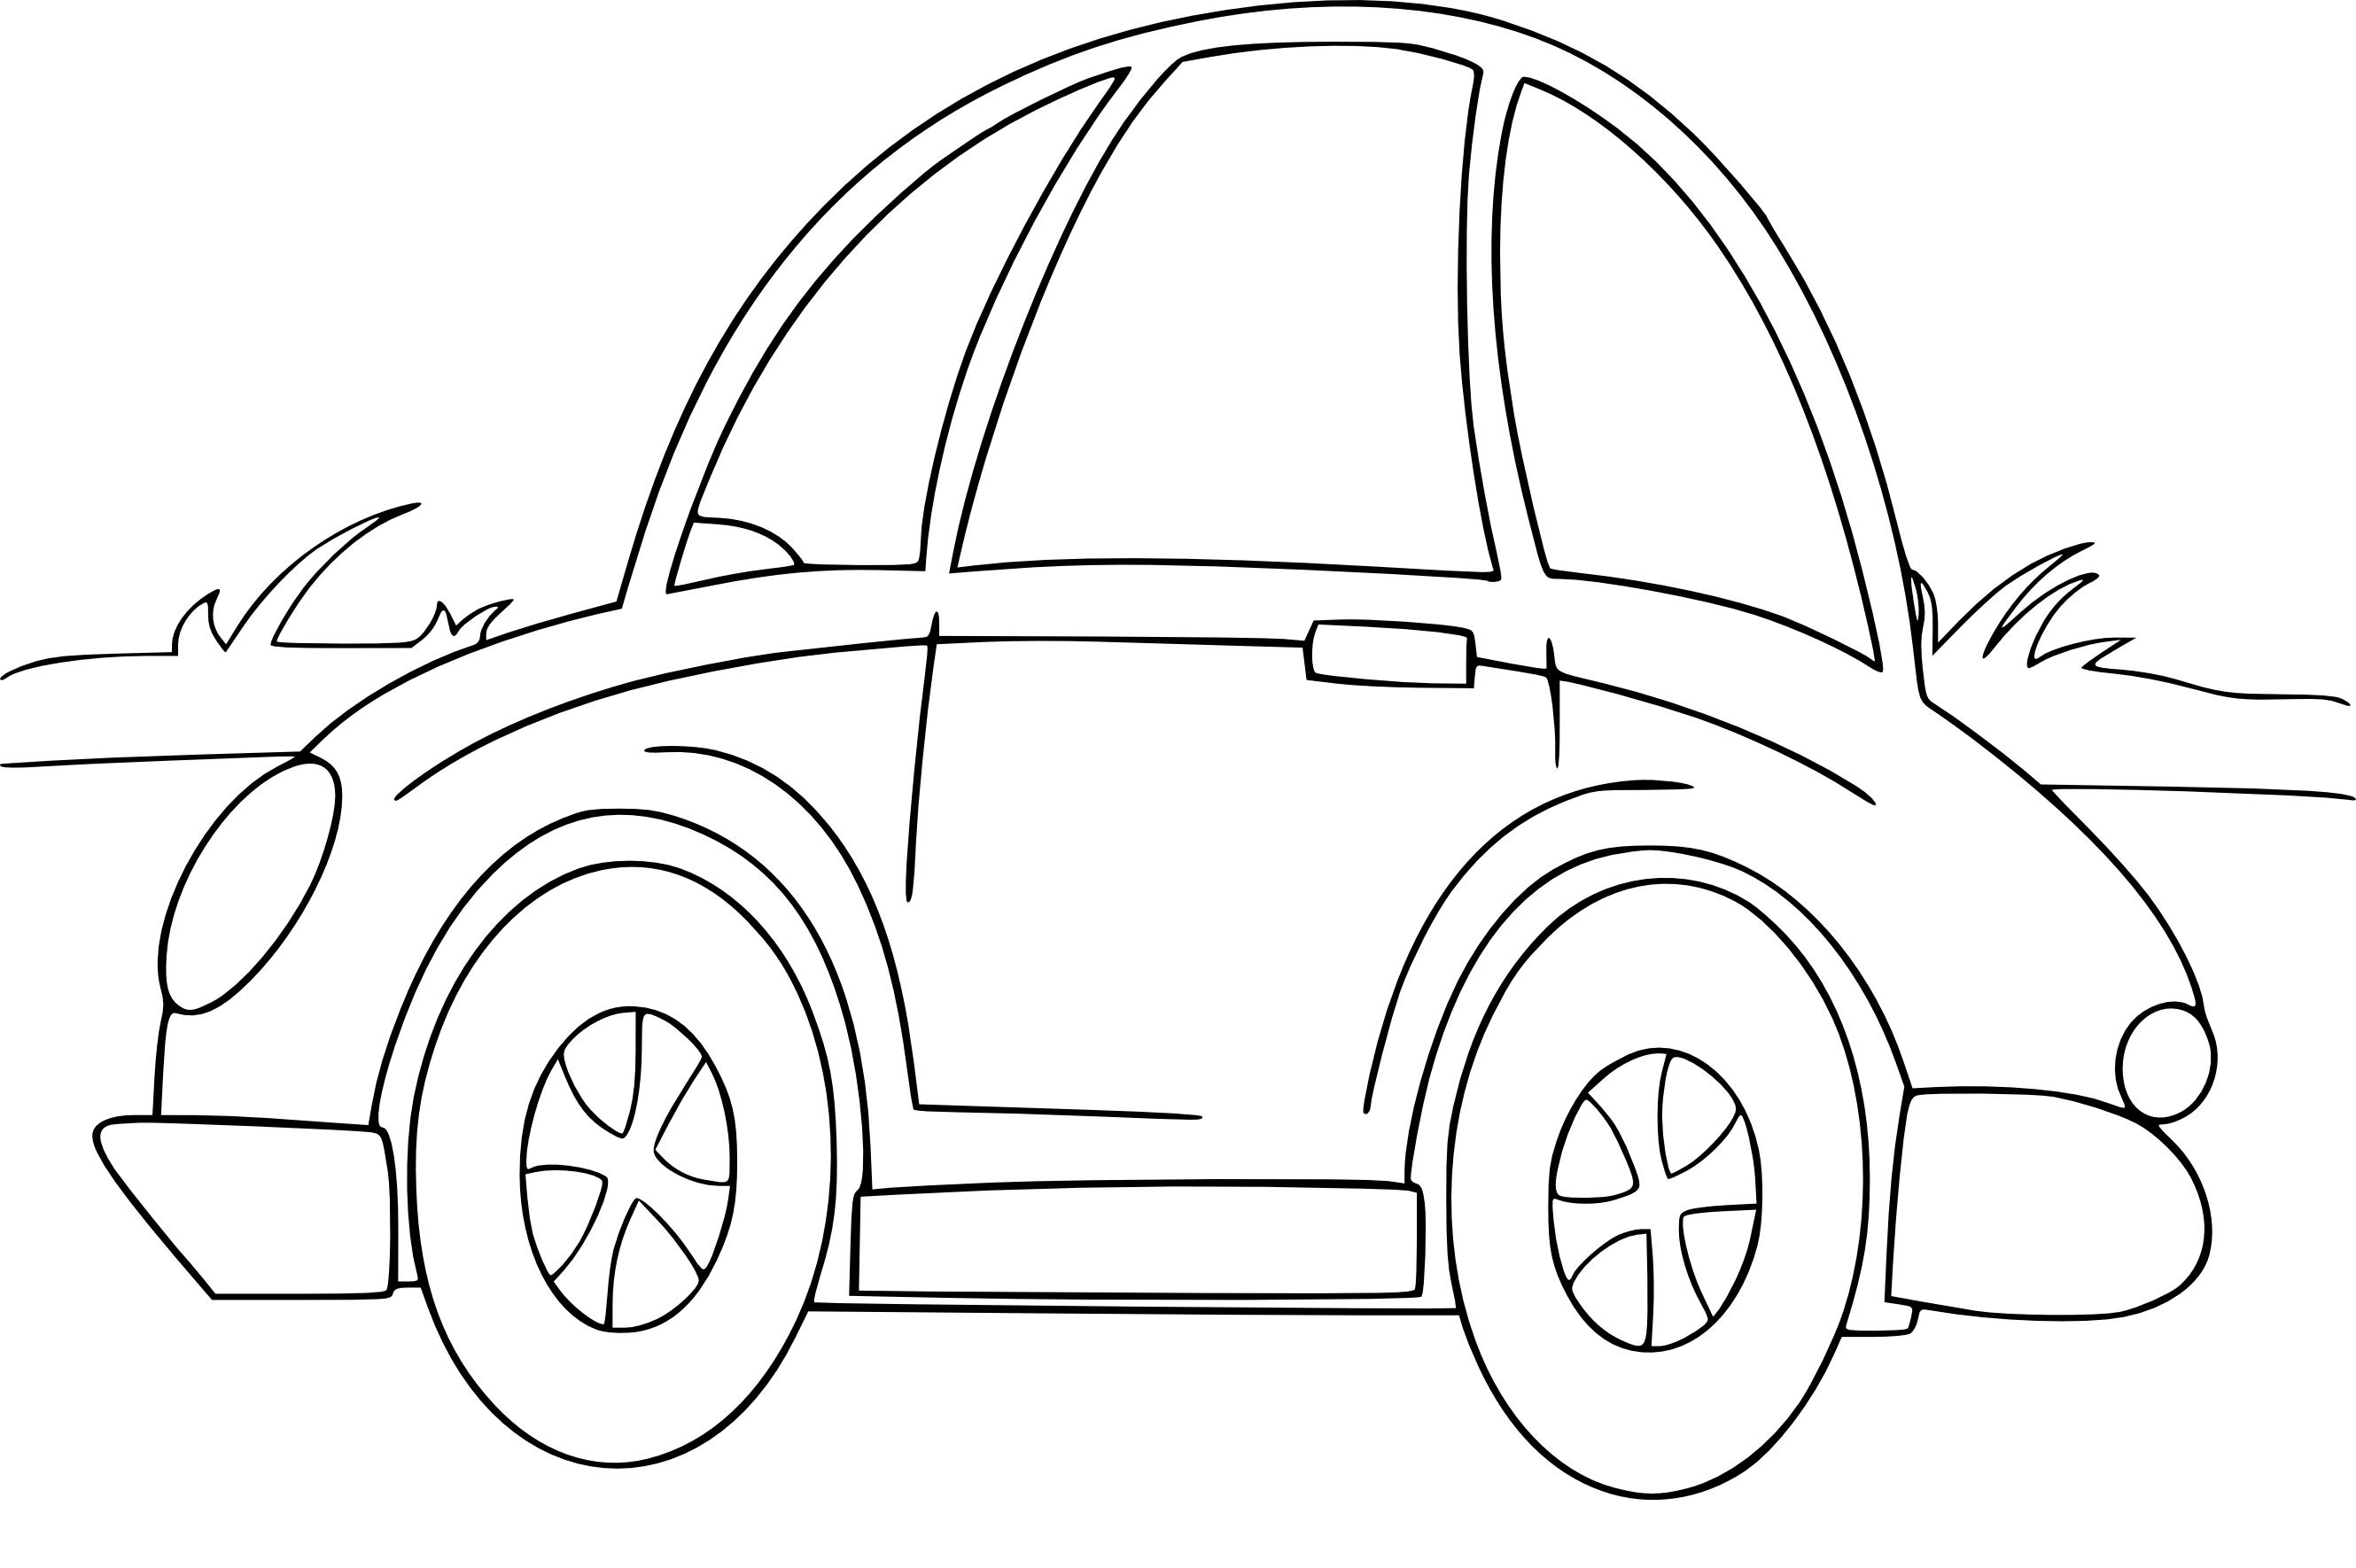 Coloriage voiture enfant gratuit imprimer - Coloriage de cars gratuit ...